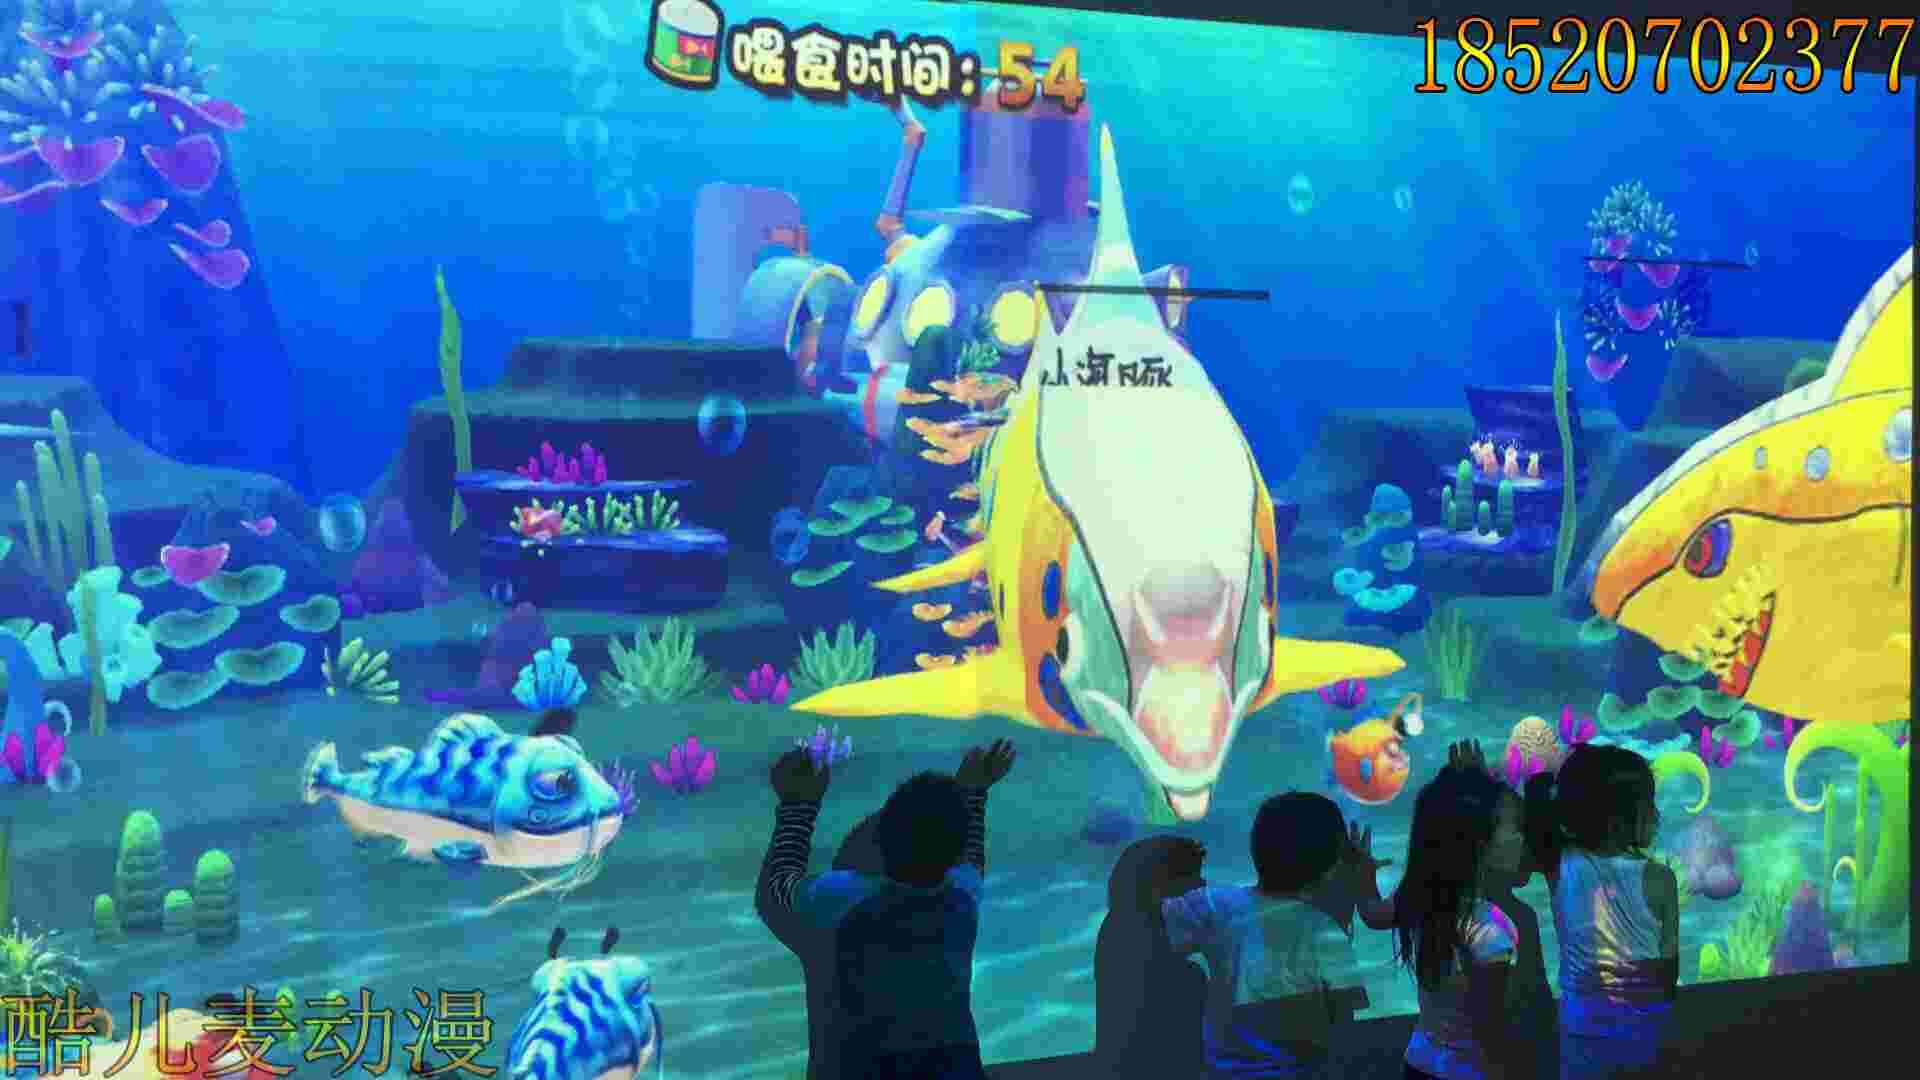 供应广东划算的互动水族馆投影游乐设备——大型全息投影